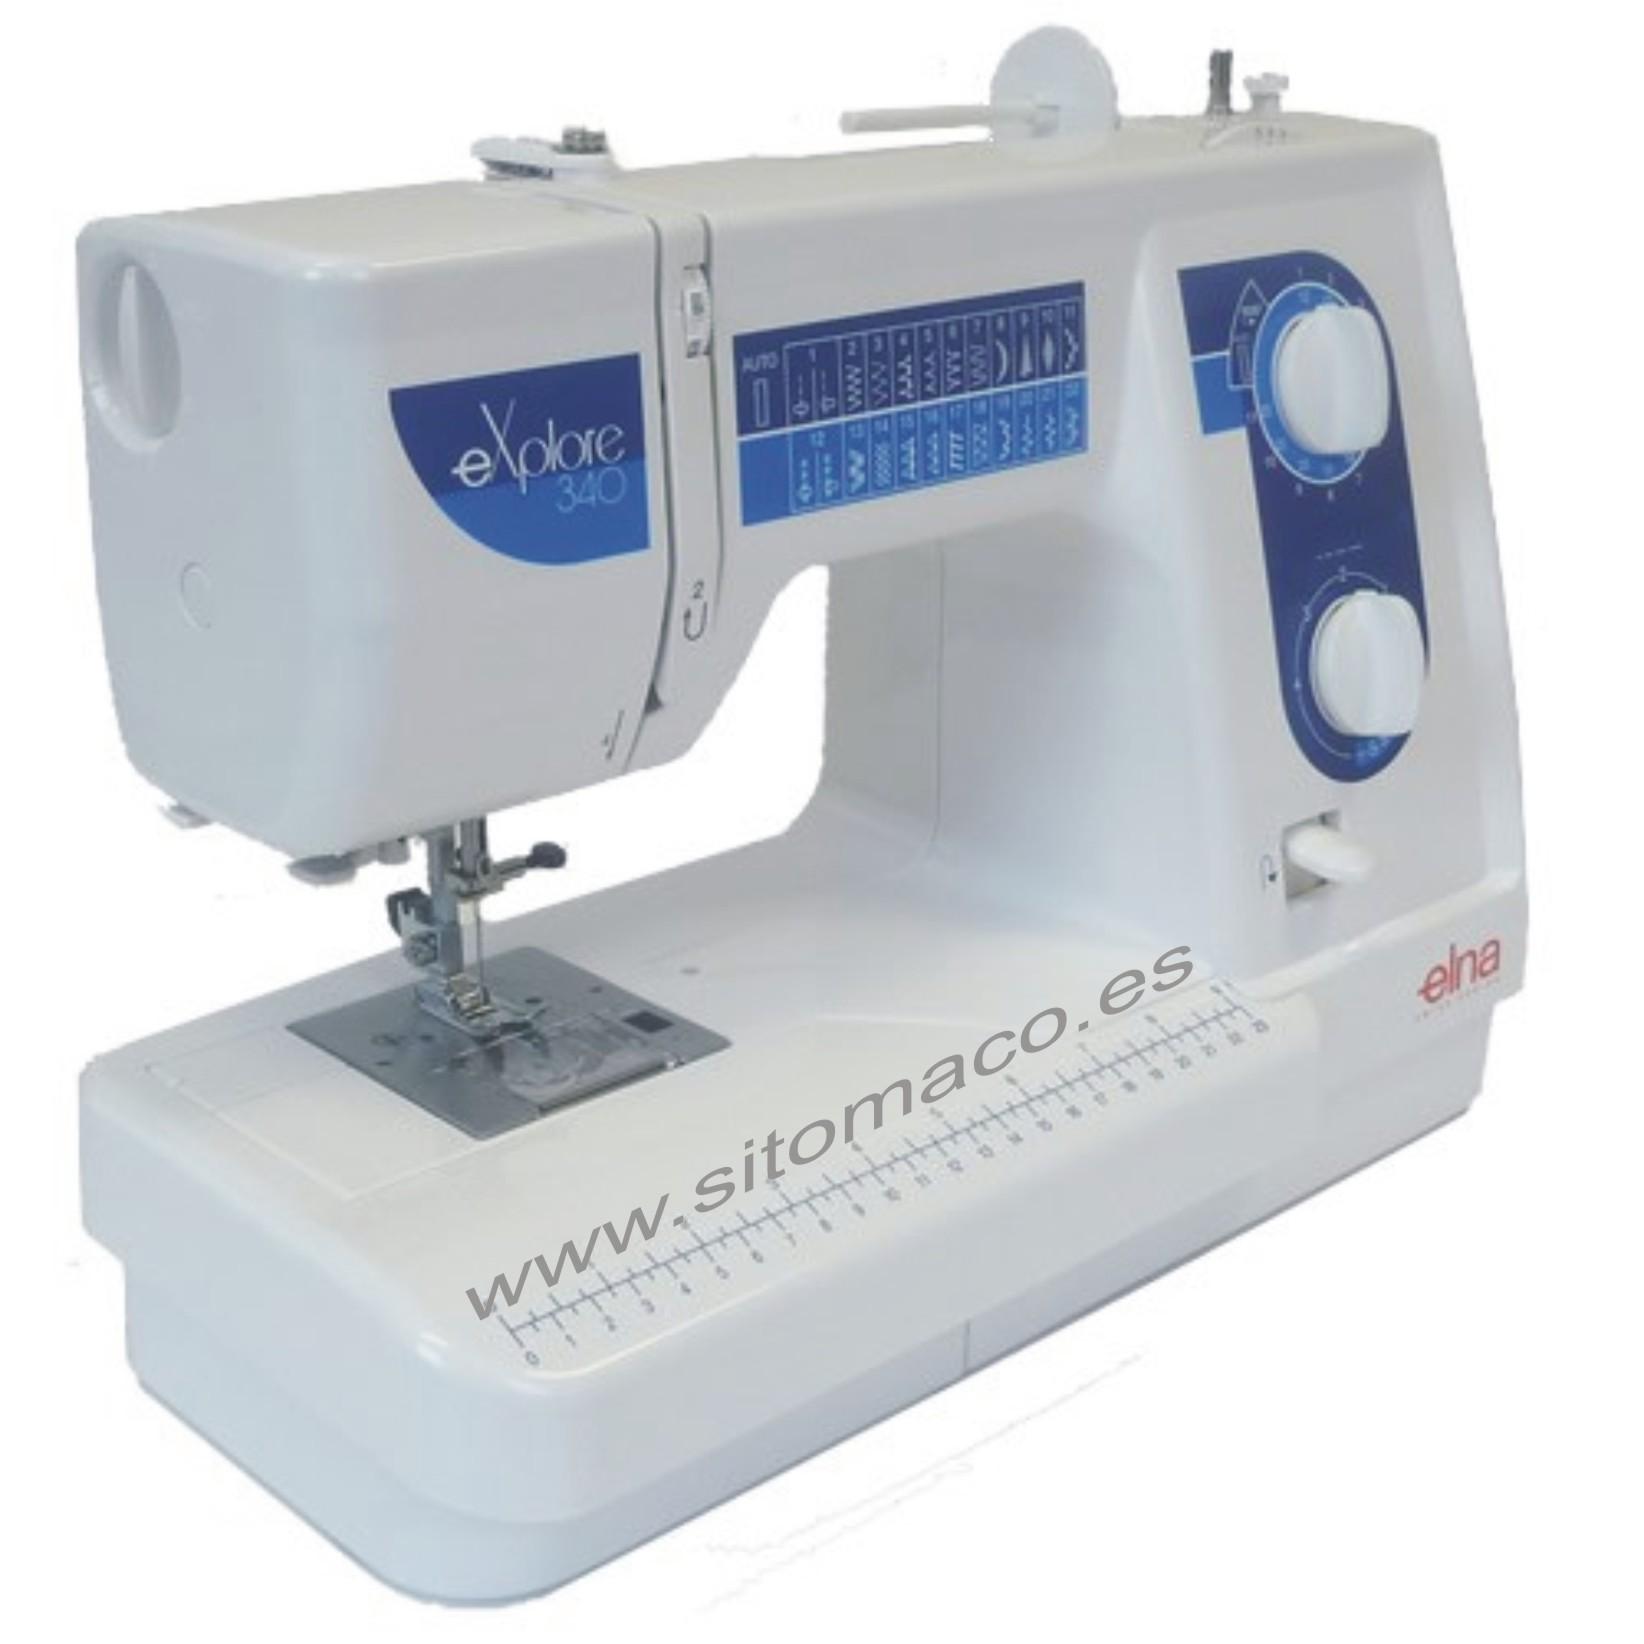 elna sewing machine prices